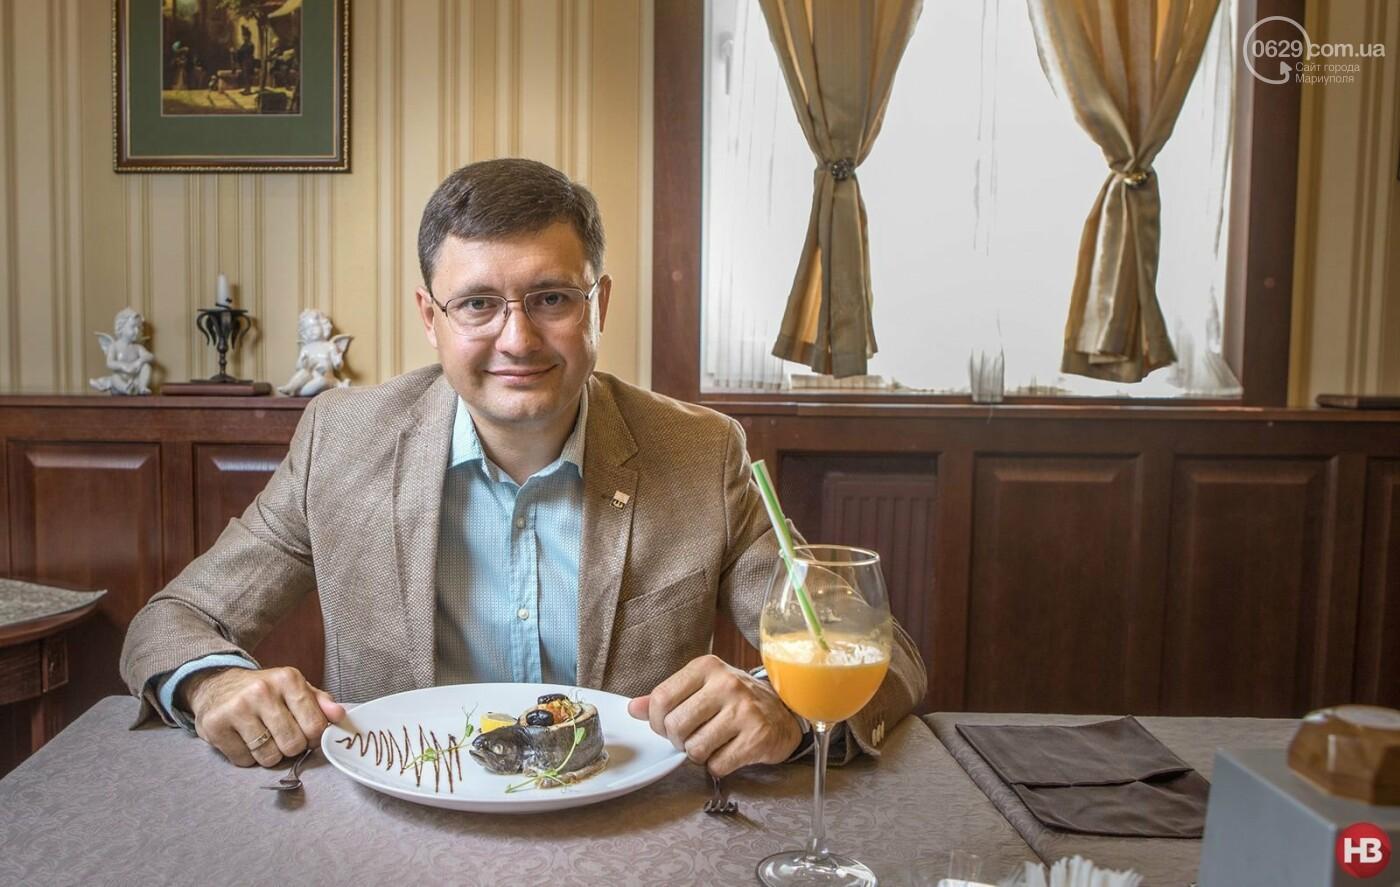 Большое сердце. ТОП-6 самых сердечных людей Мариуполя по версии Вадима Бойченко, фото-2